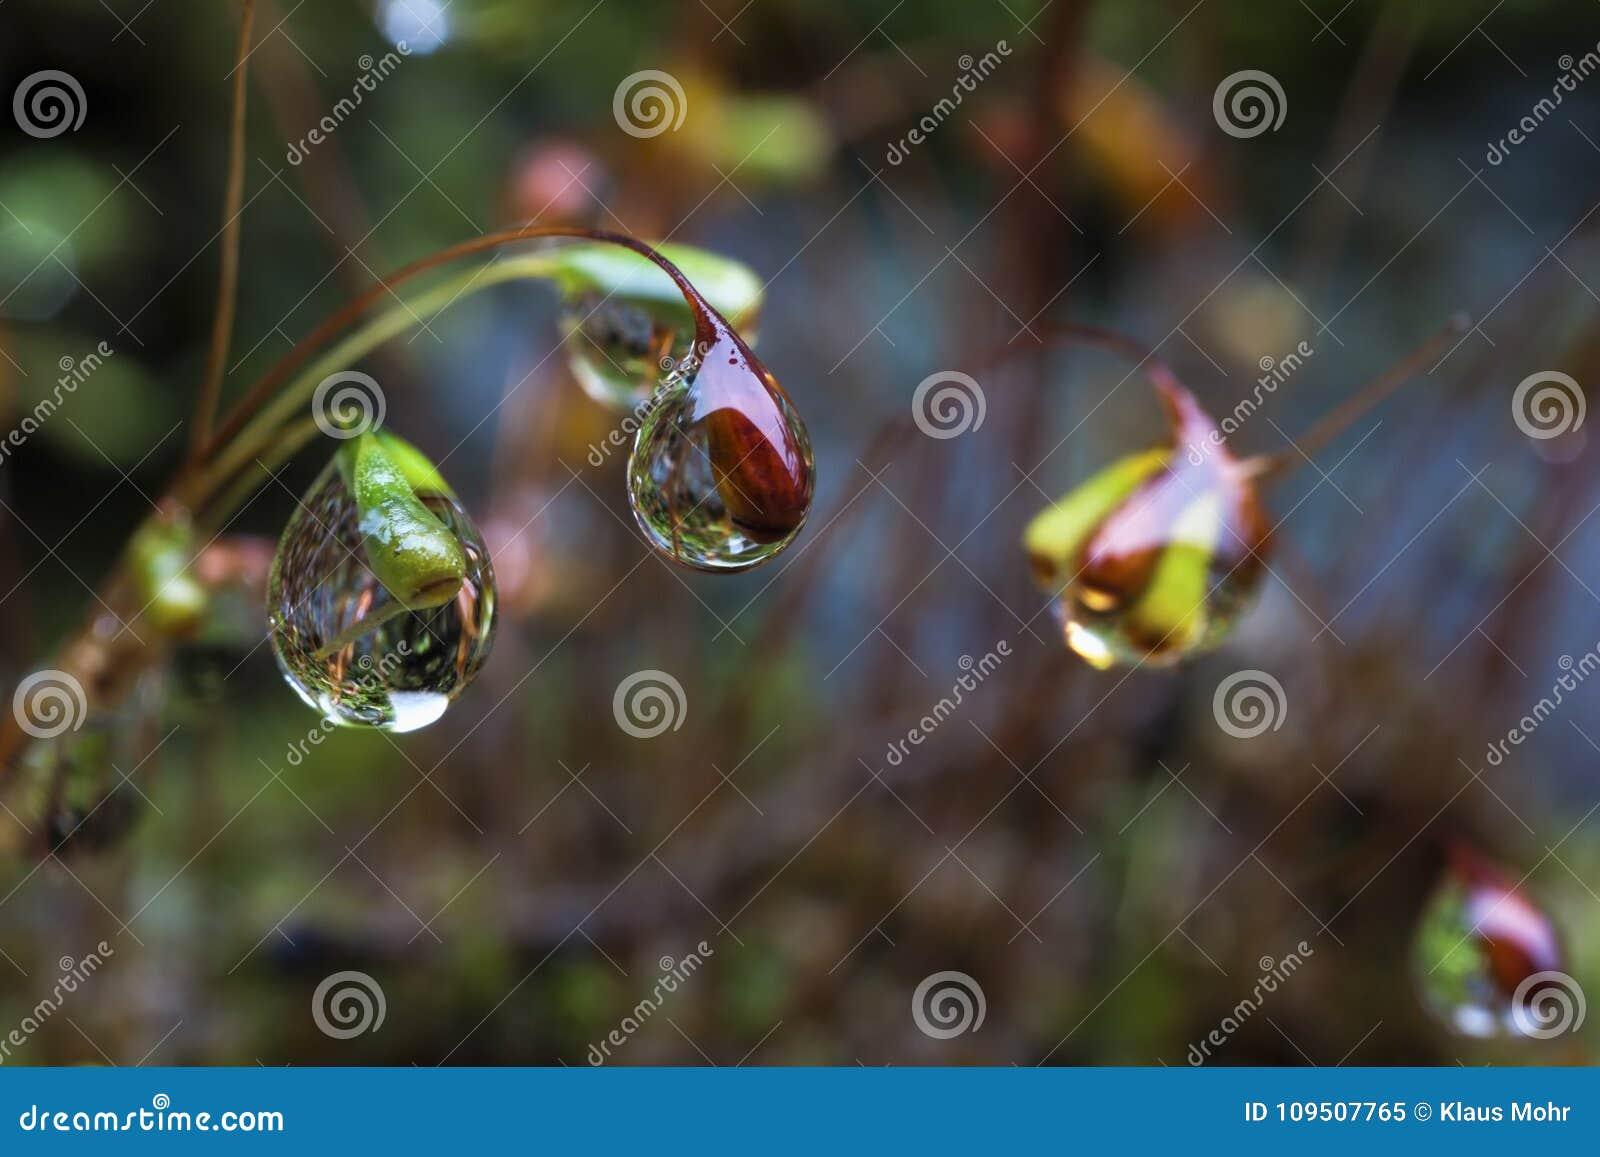 Waterdruppeltjes bij de uiteinden van moszaden